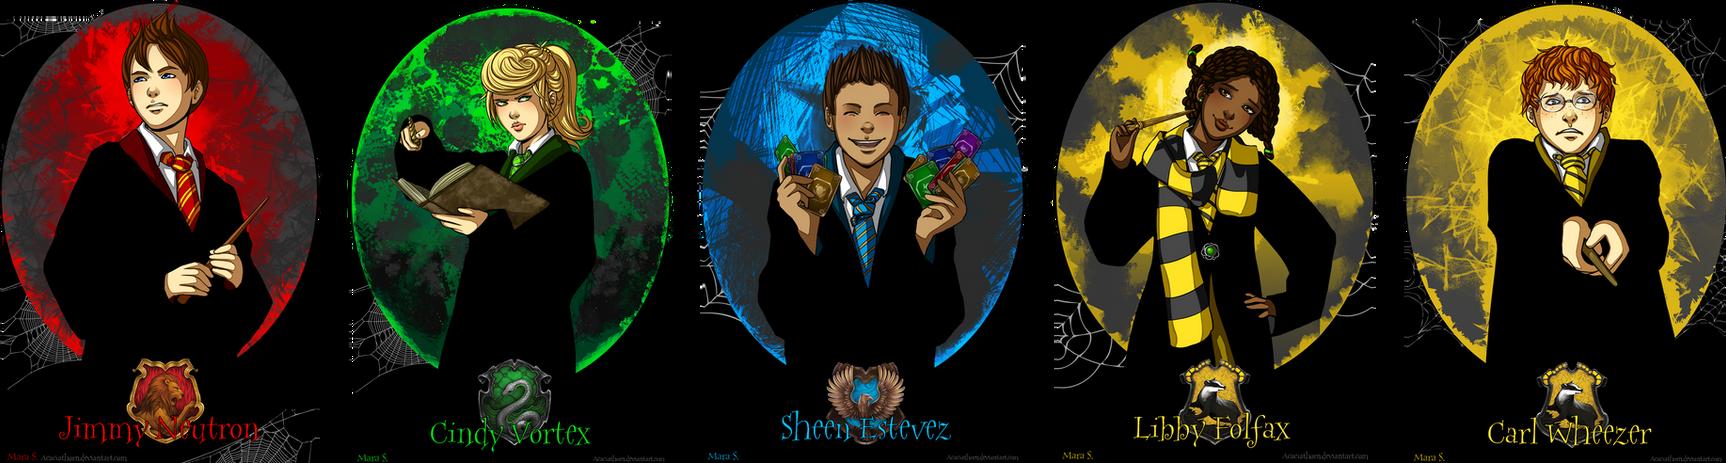 Jimmy Neutron at Hogwarts